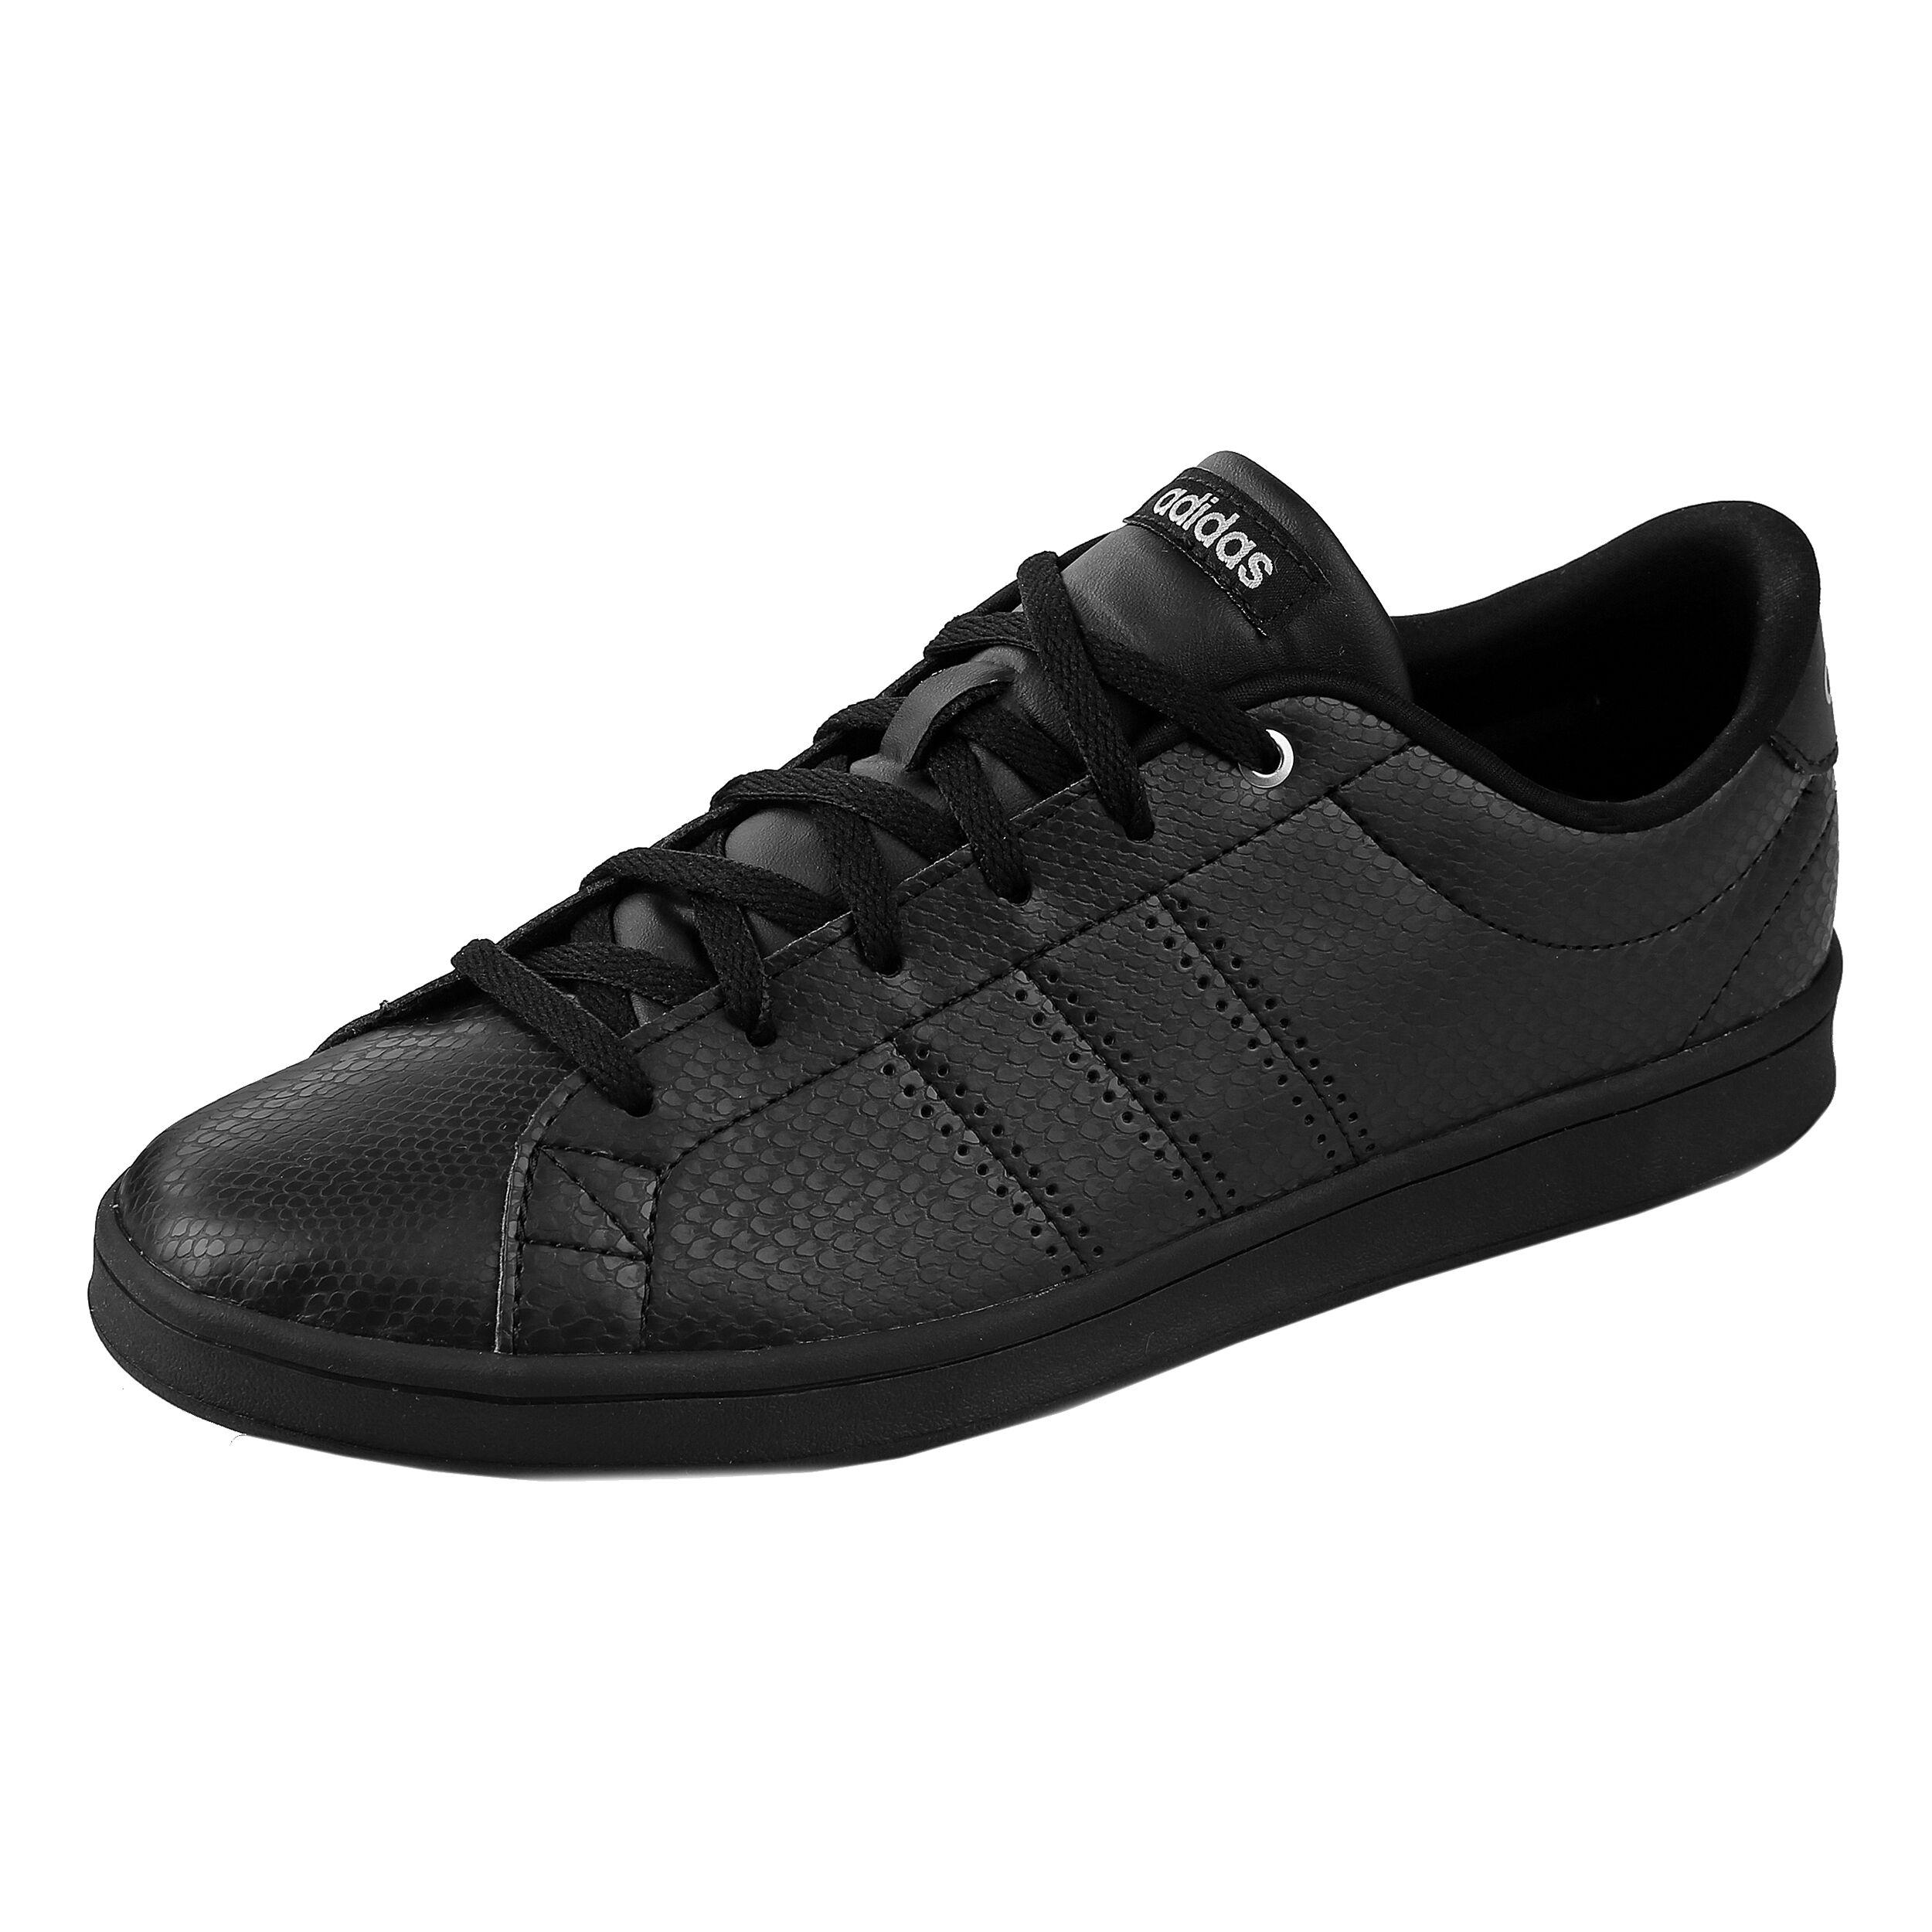 adidas advantage clean qt femme noir